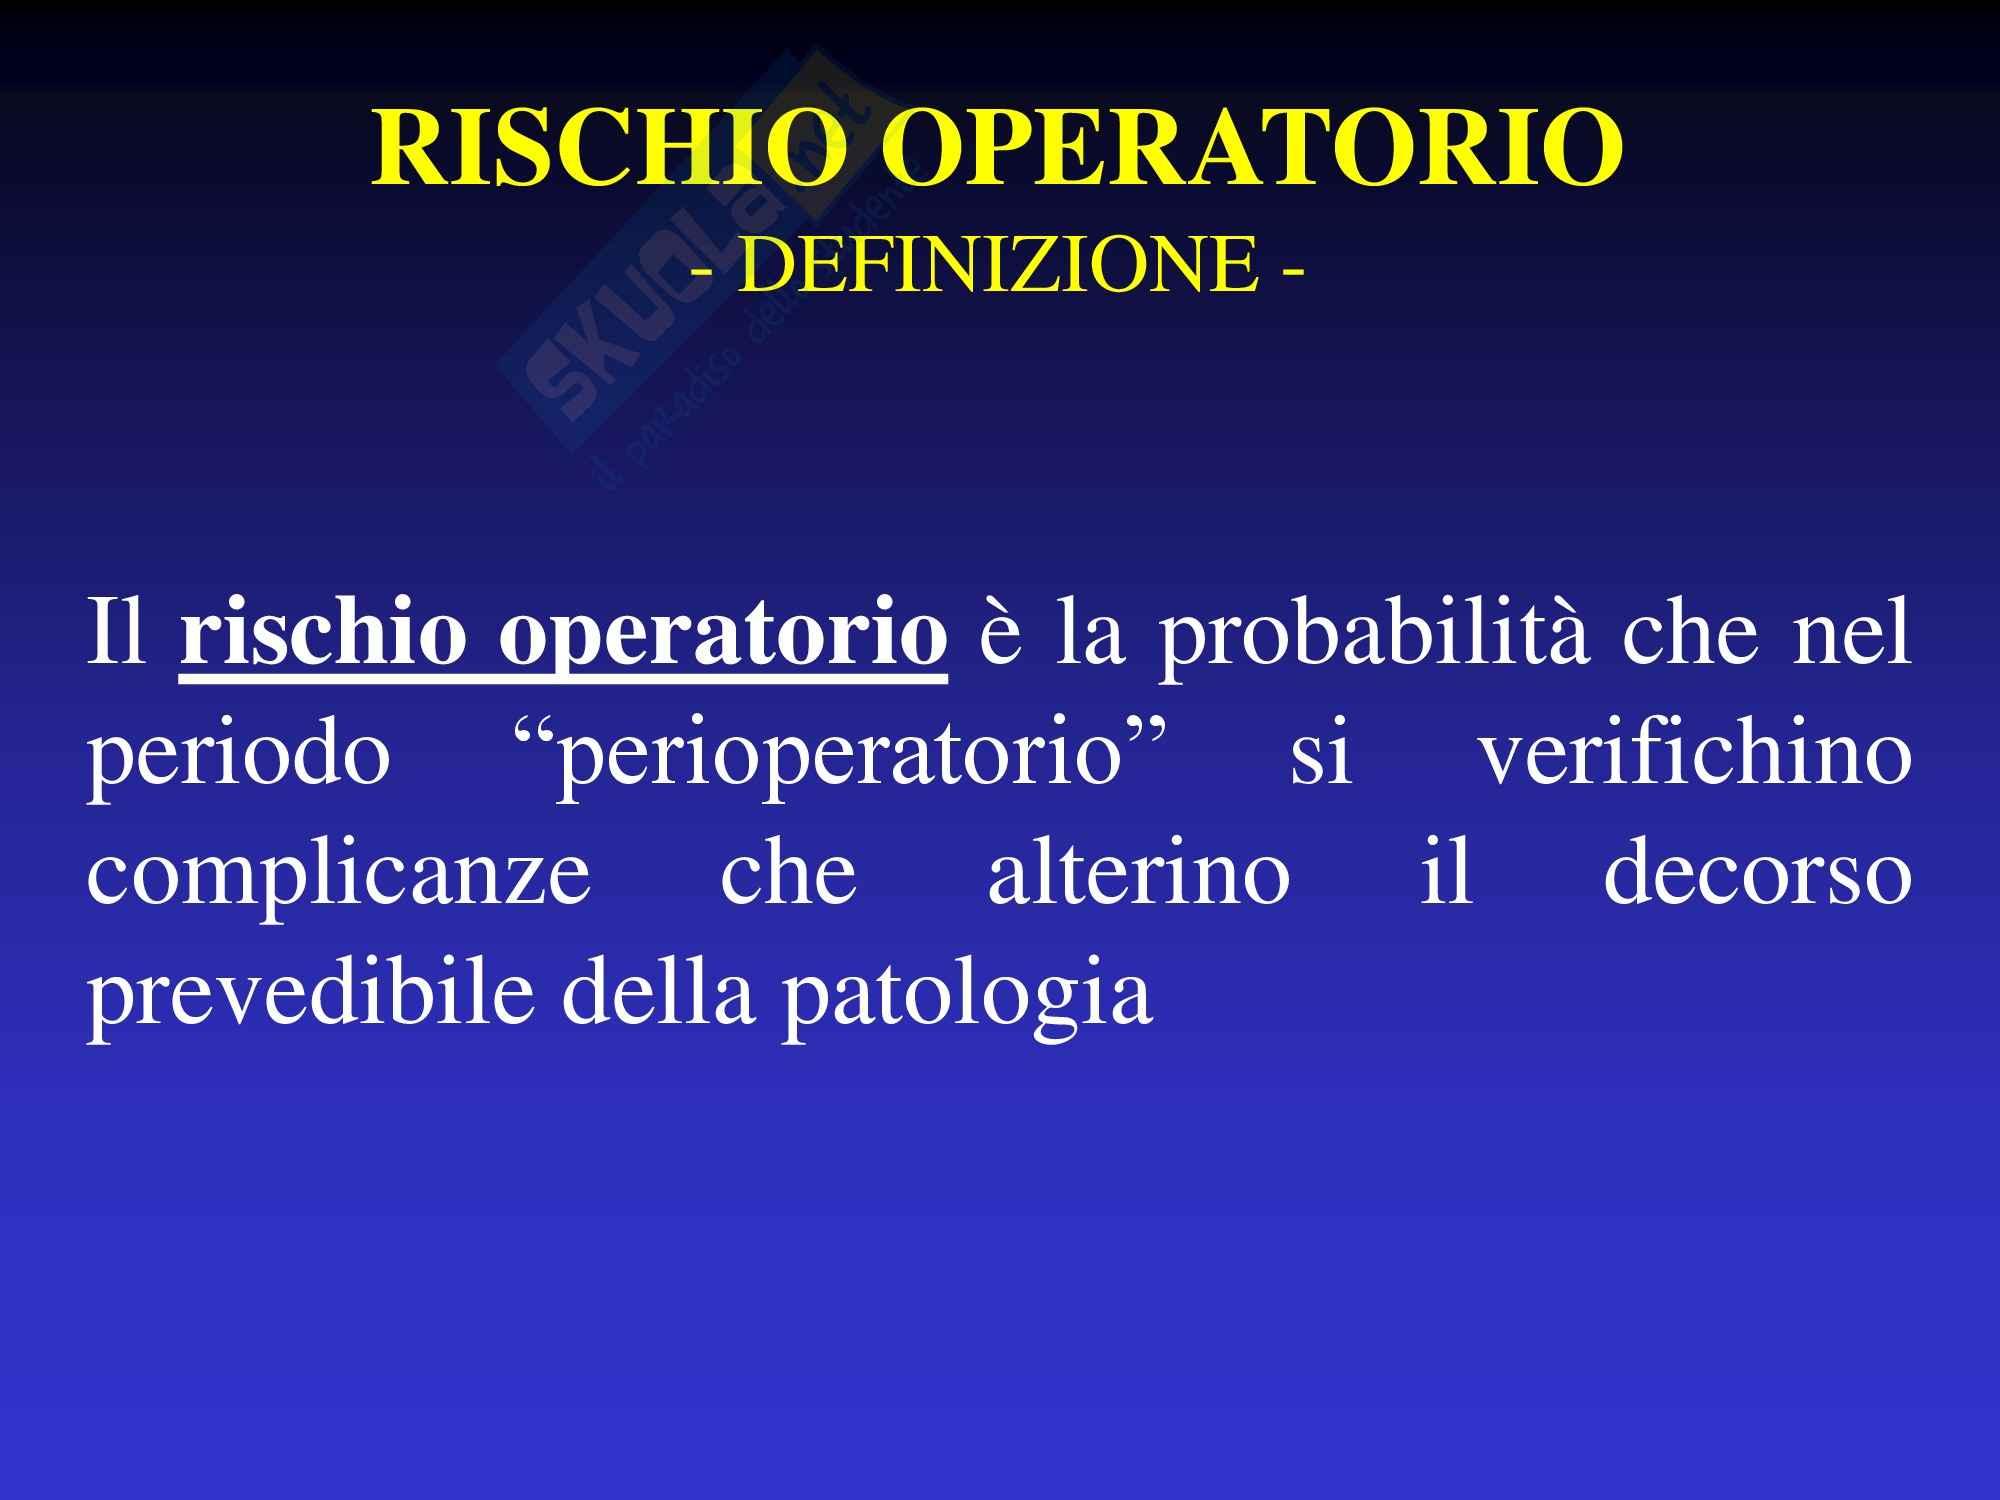 Rischio Operatorio